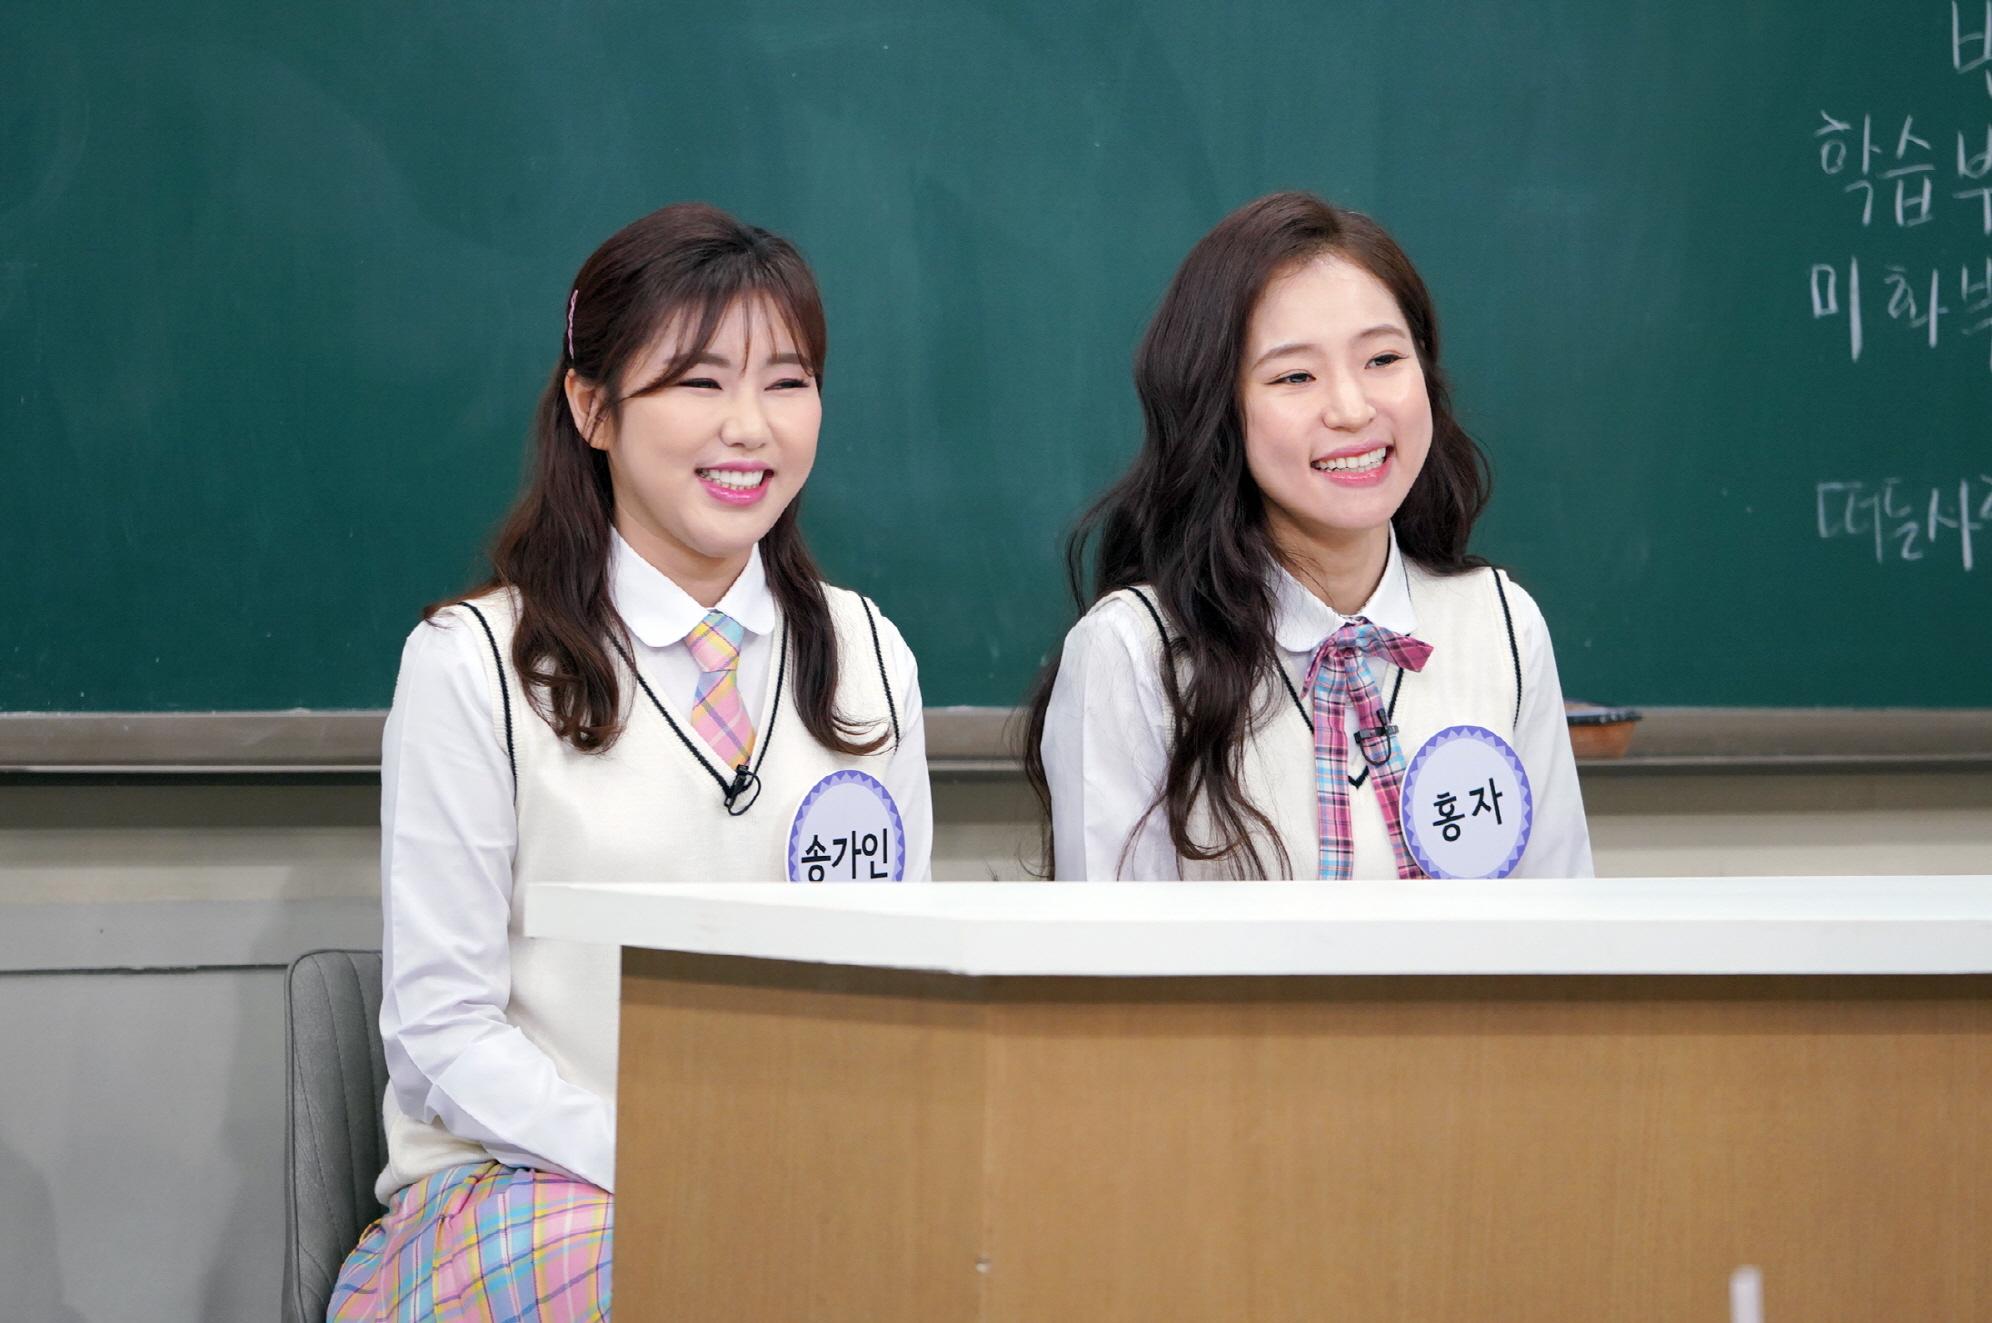 '아는 형님' 홍자×송가인, 강호동 향한 극과 극 증언의 진실은?